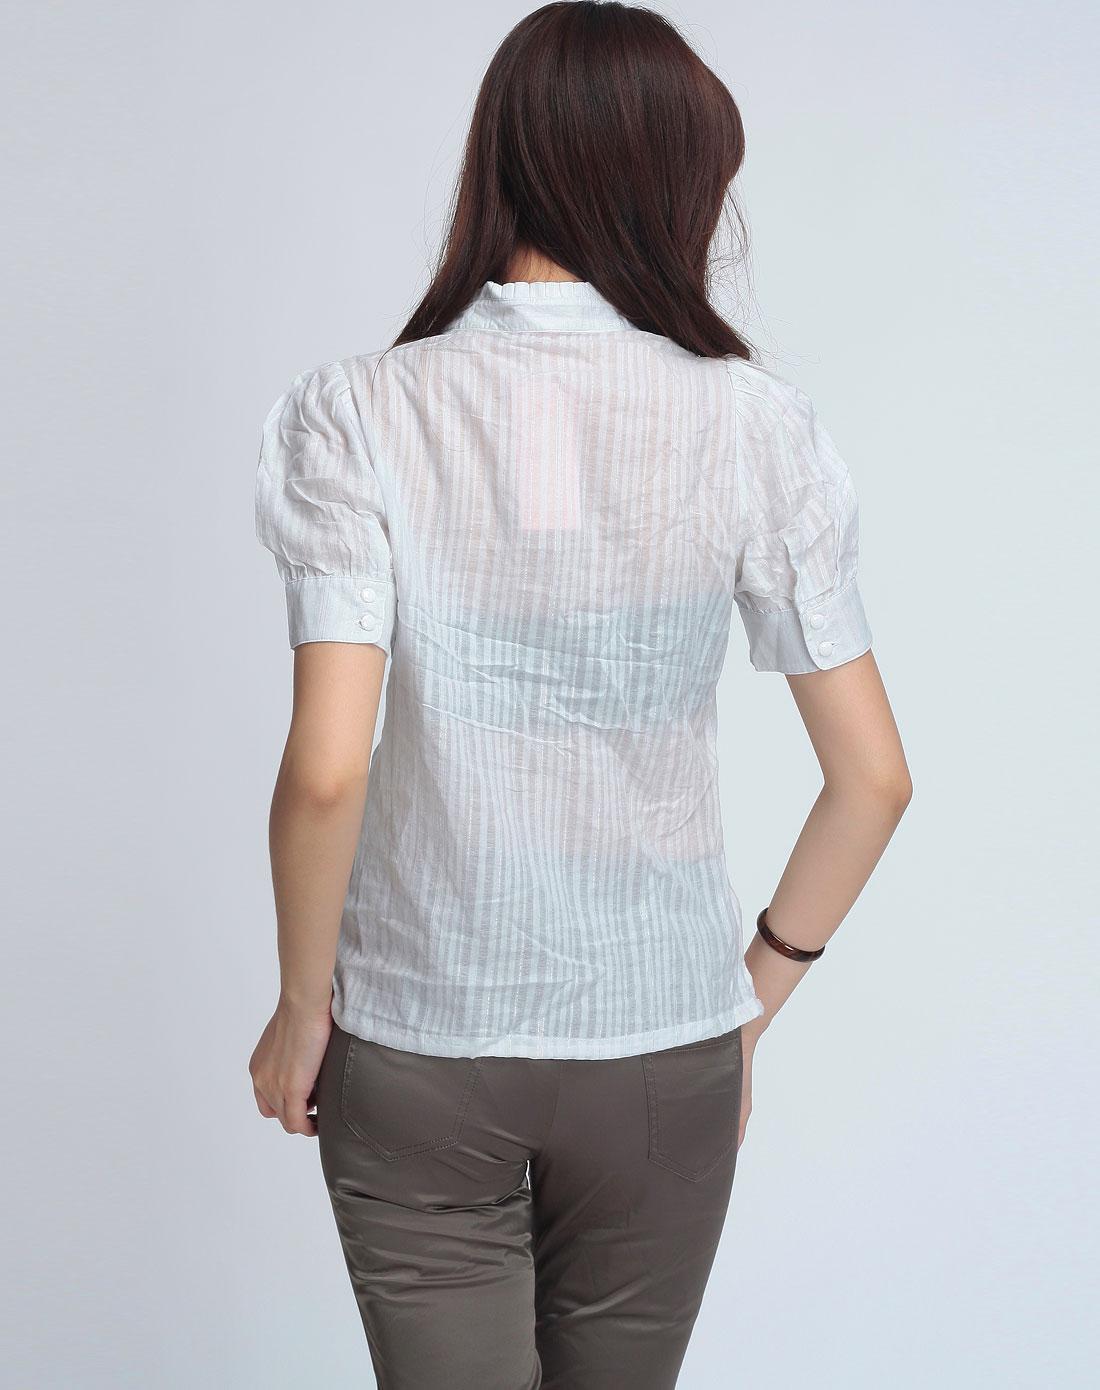 白短袖衬衫短袖衬衫矢量图短袖衬衫简笔画